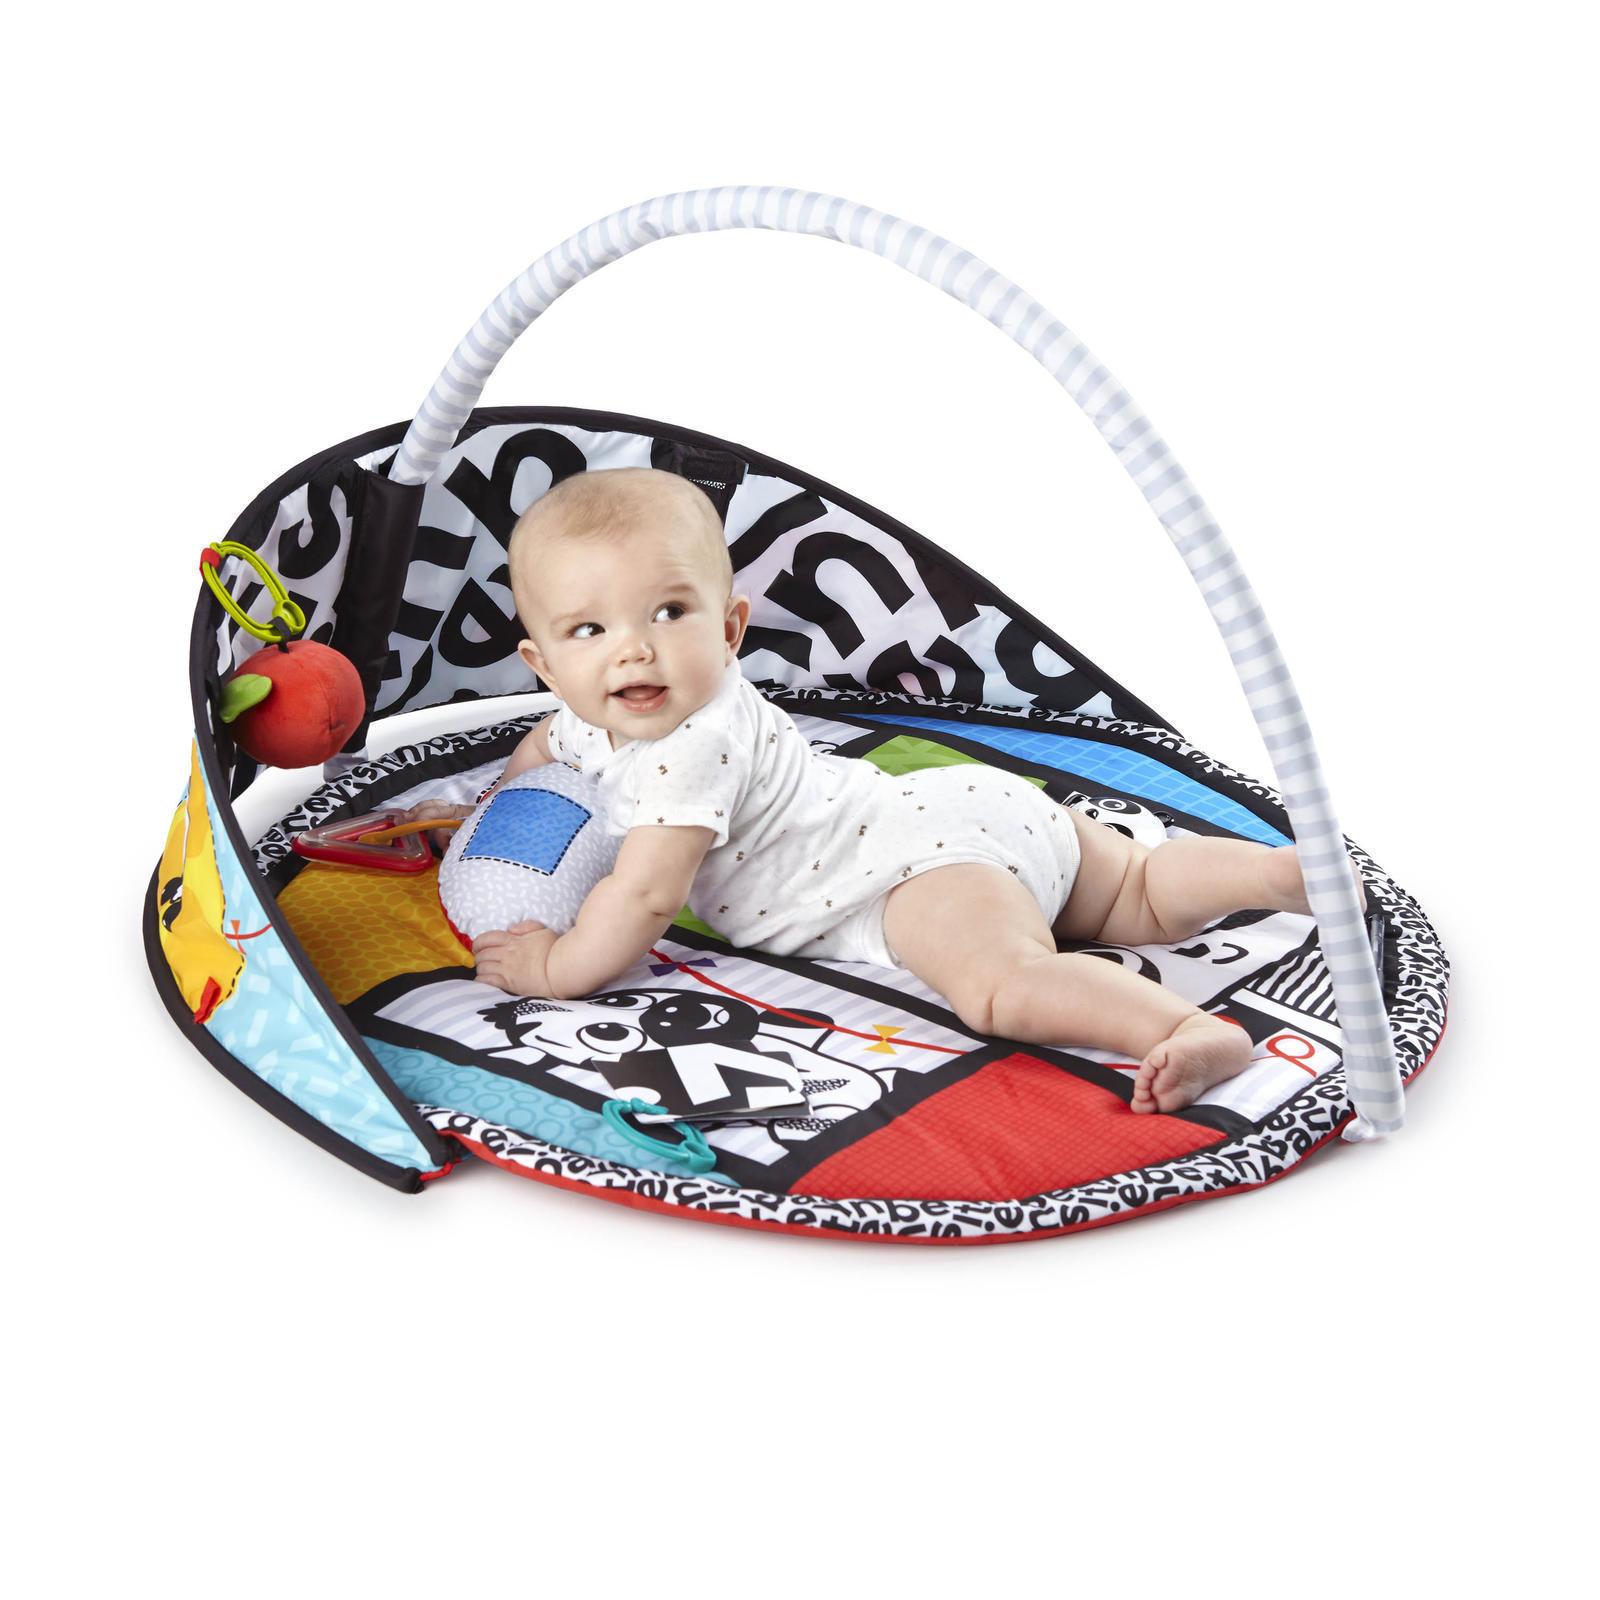 Baby Einstein: Bold New World - 2-In-1 Play Gym image